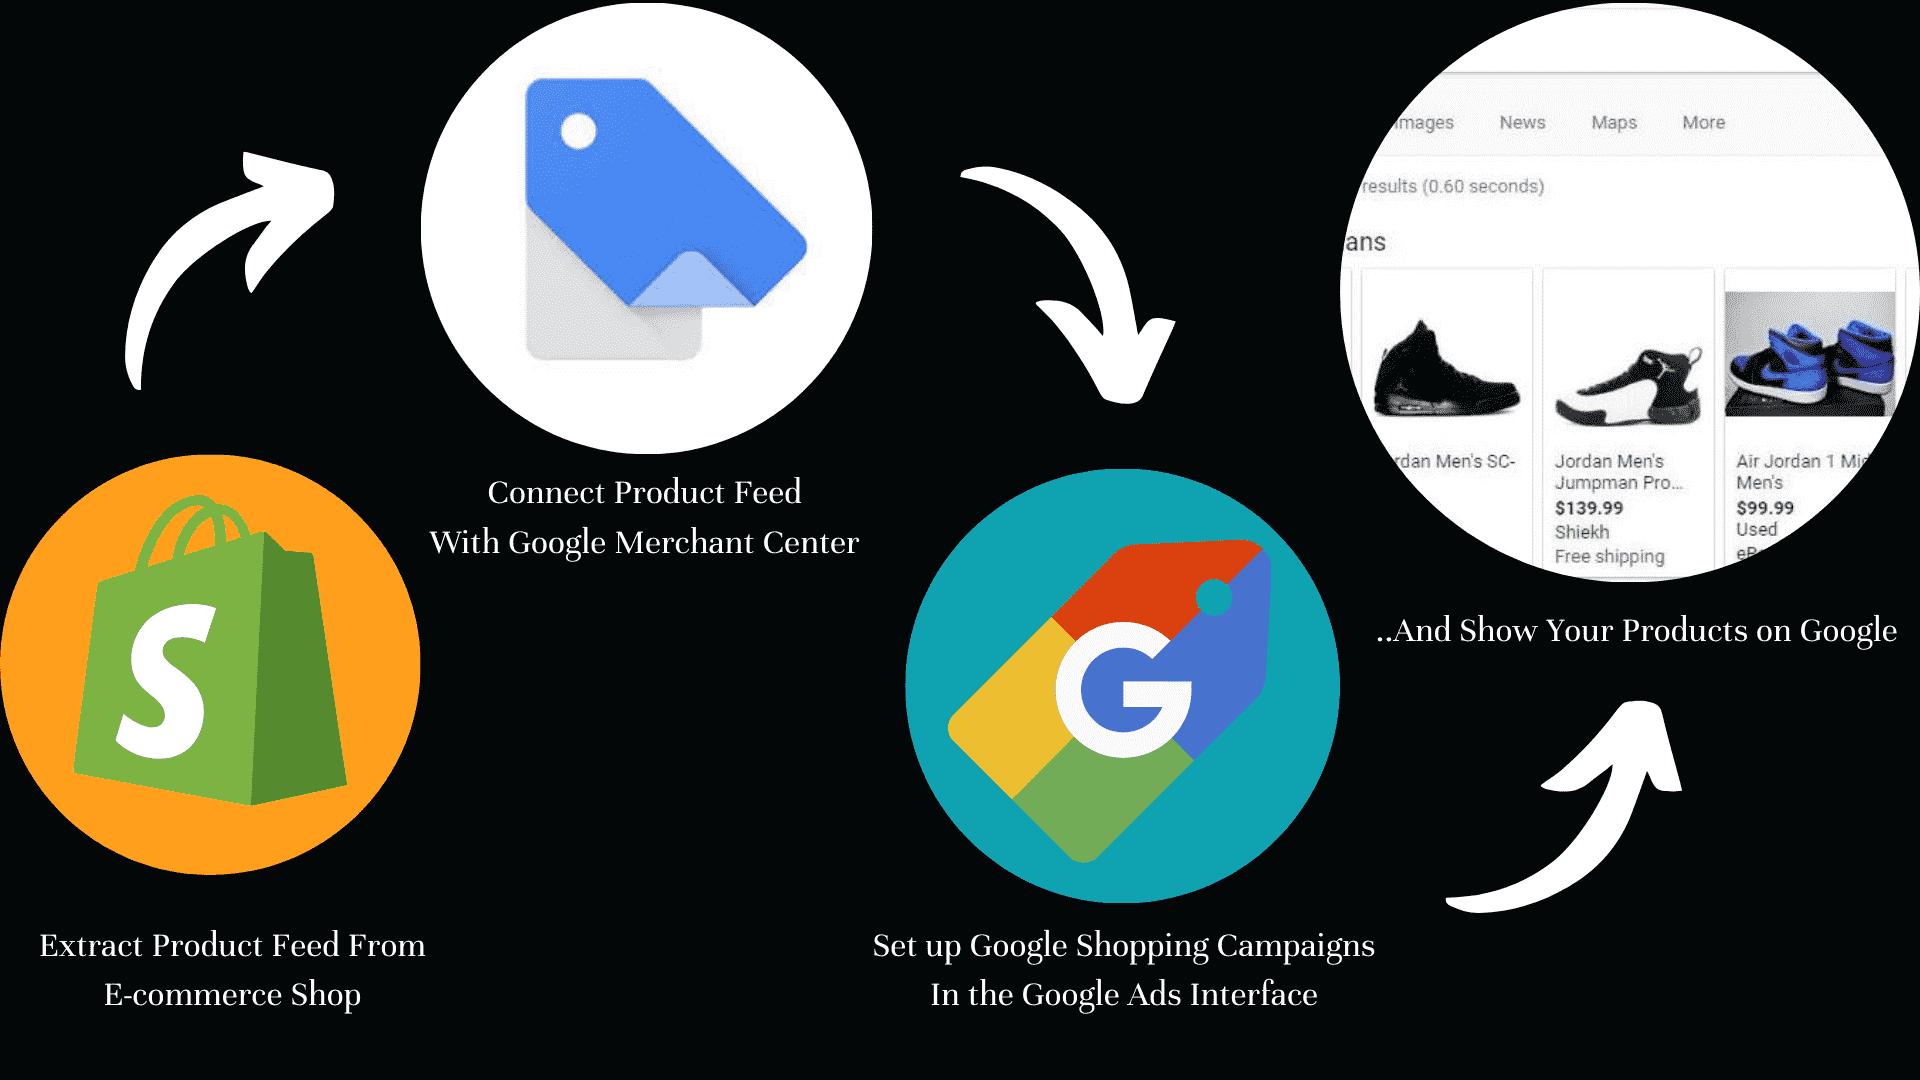 Google Shopping steps